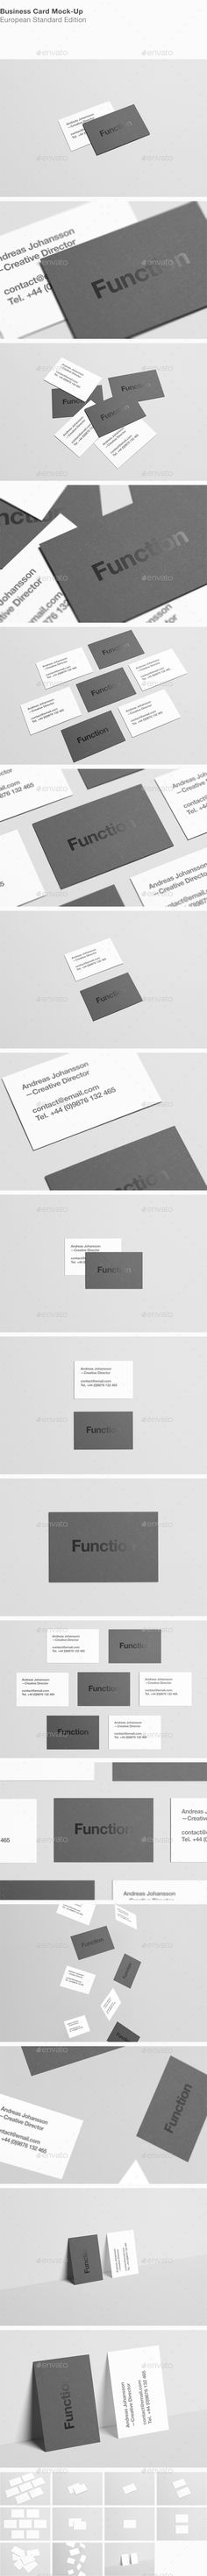 Business Card Mock-Up #design Download: http://graphicriver.net/item/business-card-mockup/12431254?ref=ksioks